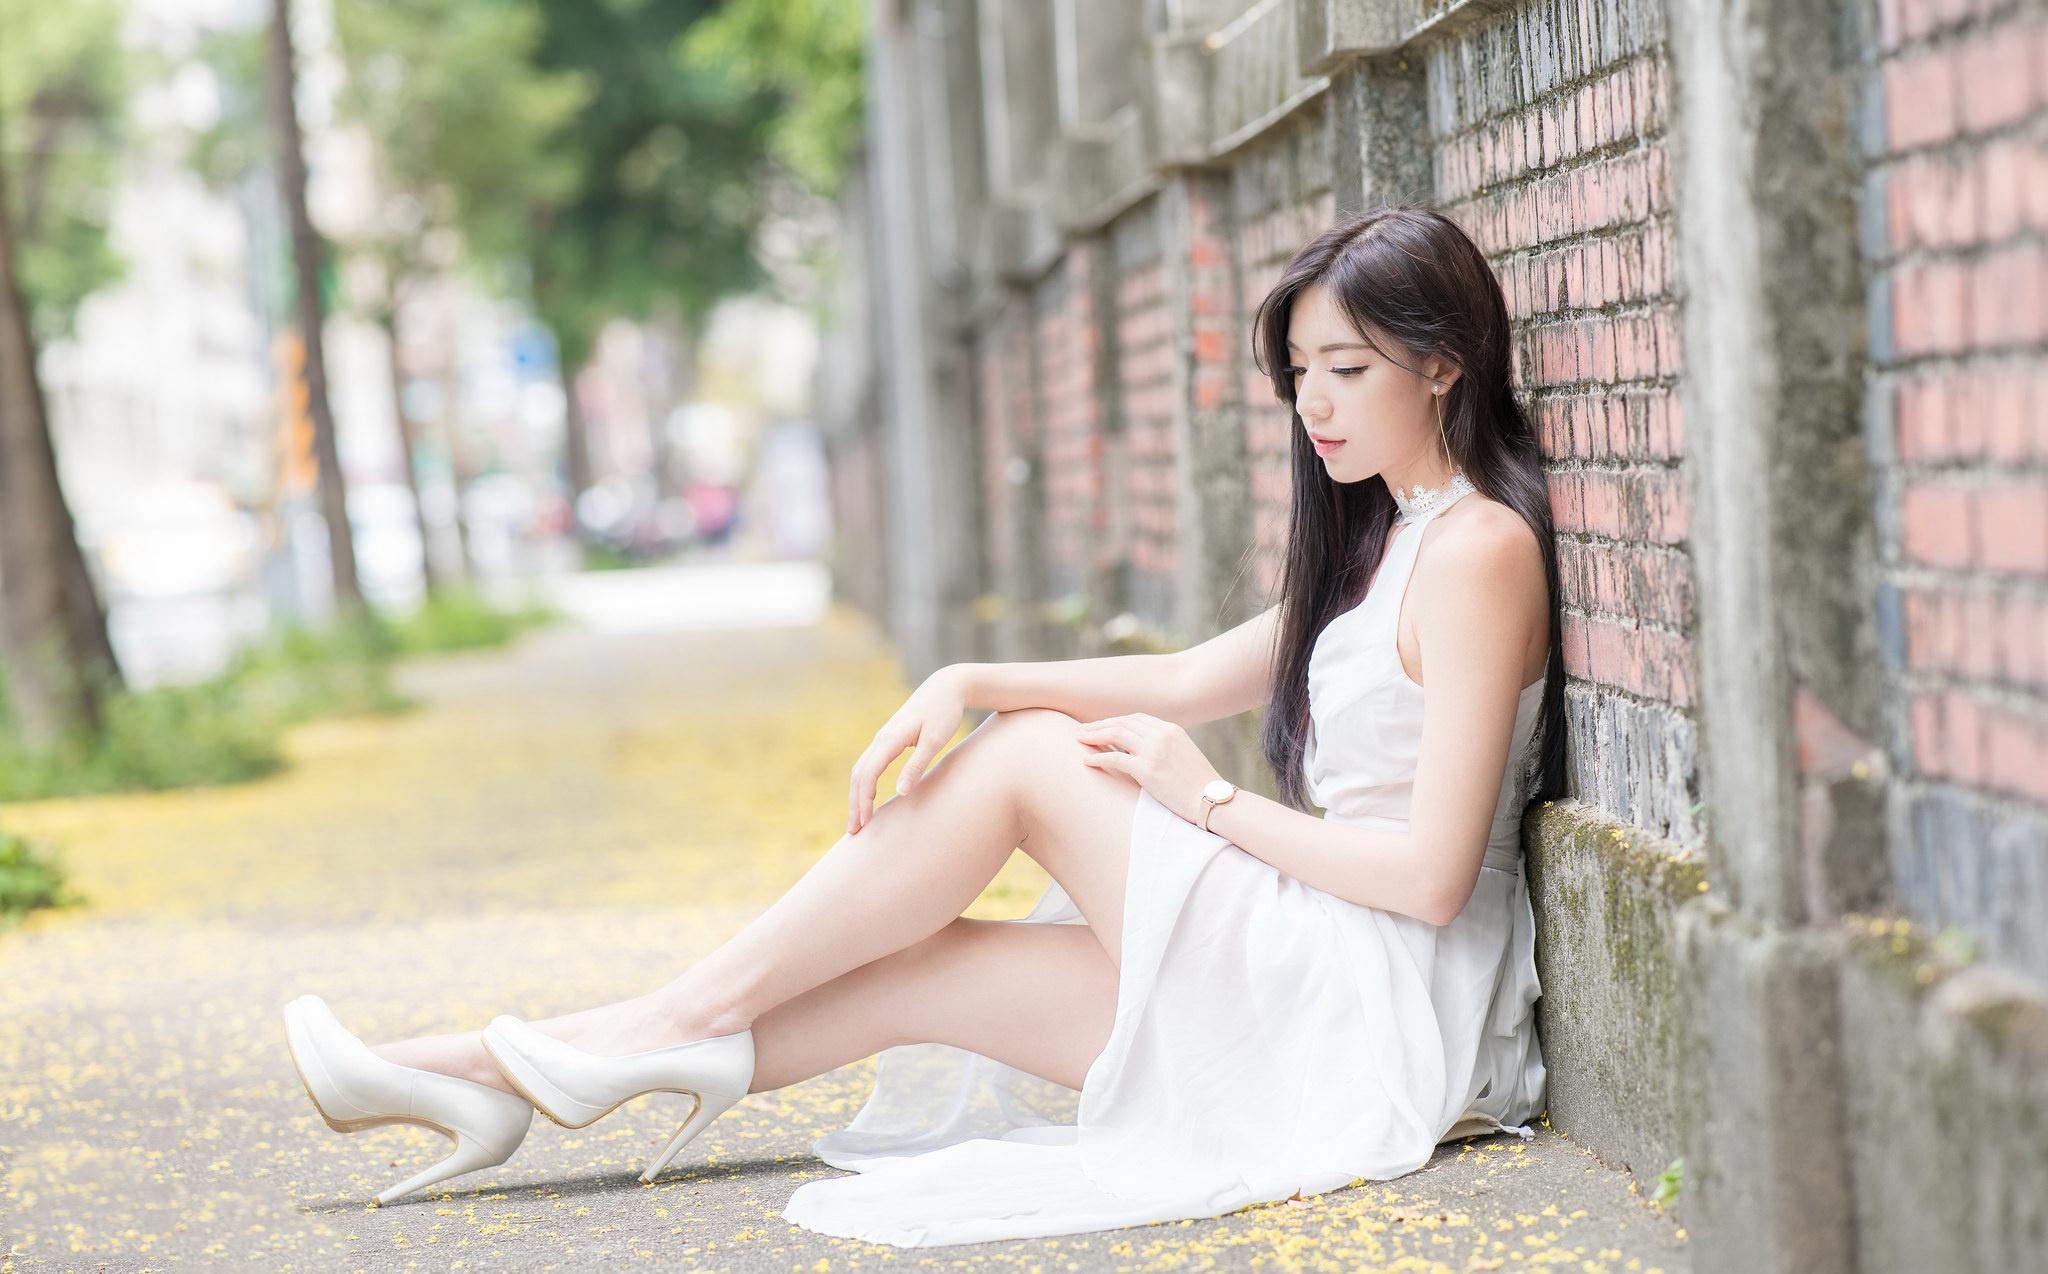 Wallpaper  Asian, Women Outdoors, Urban, Legs, High Heels -5931